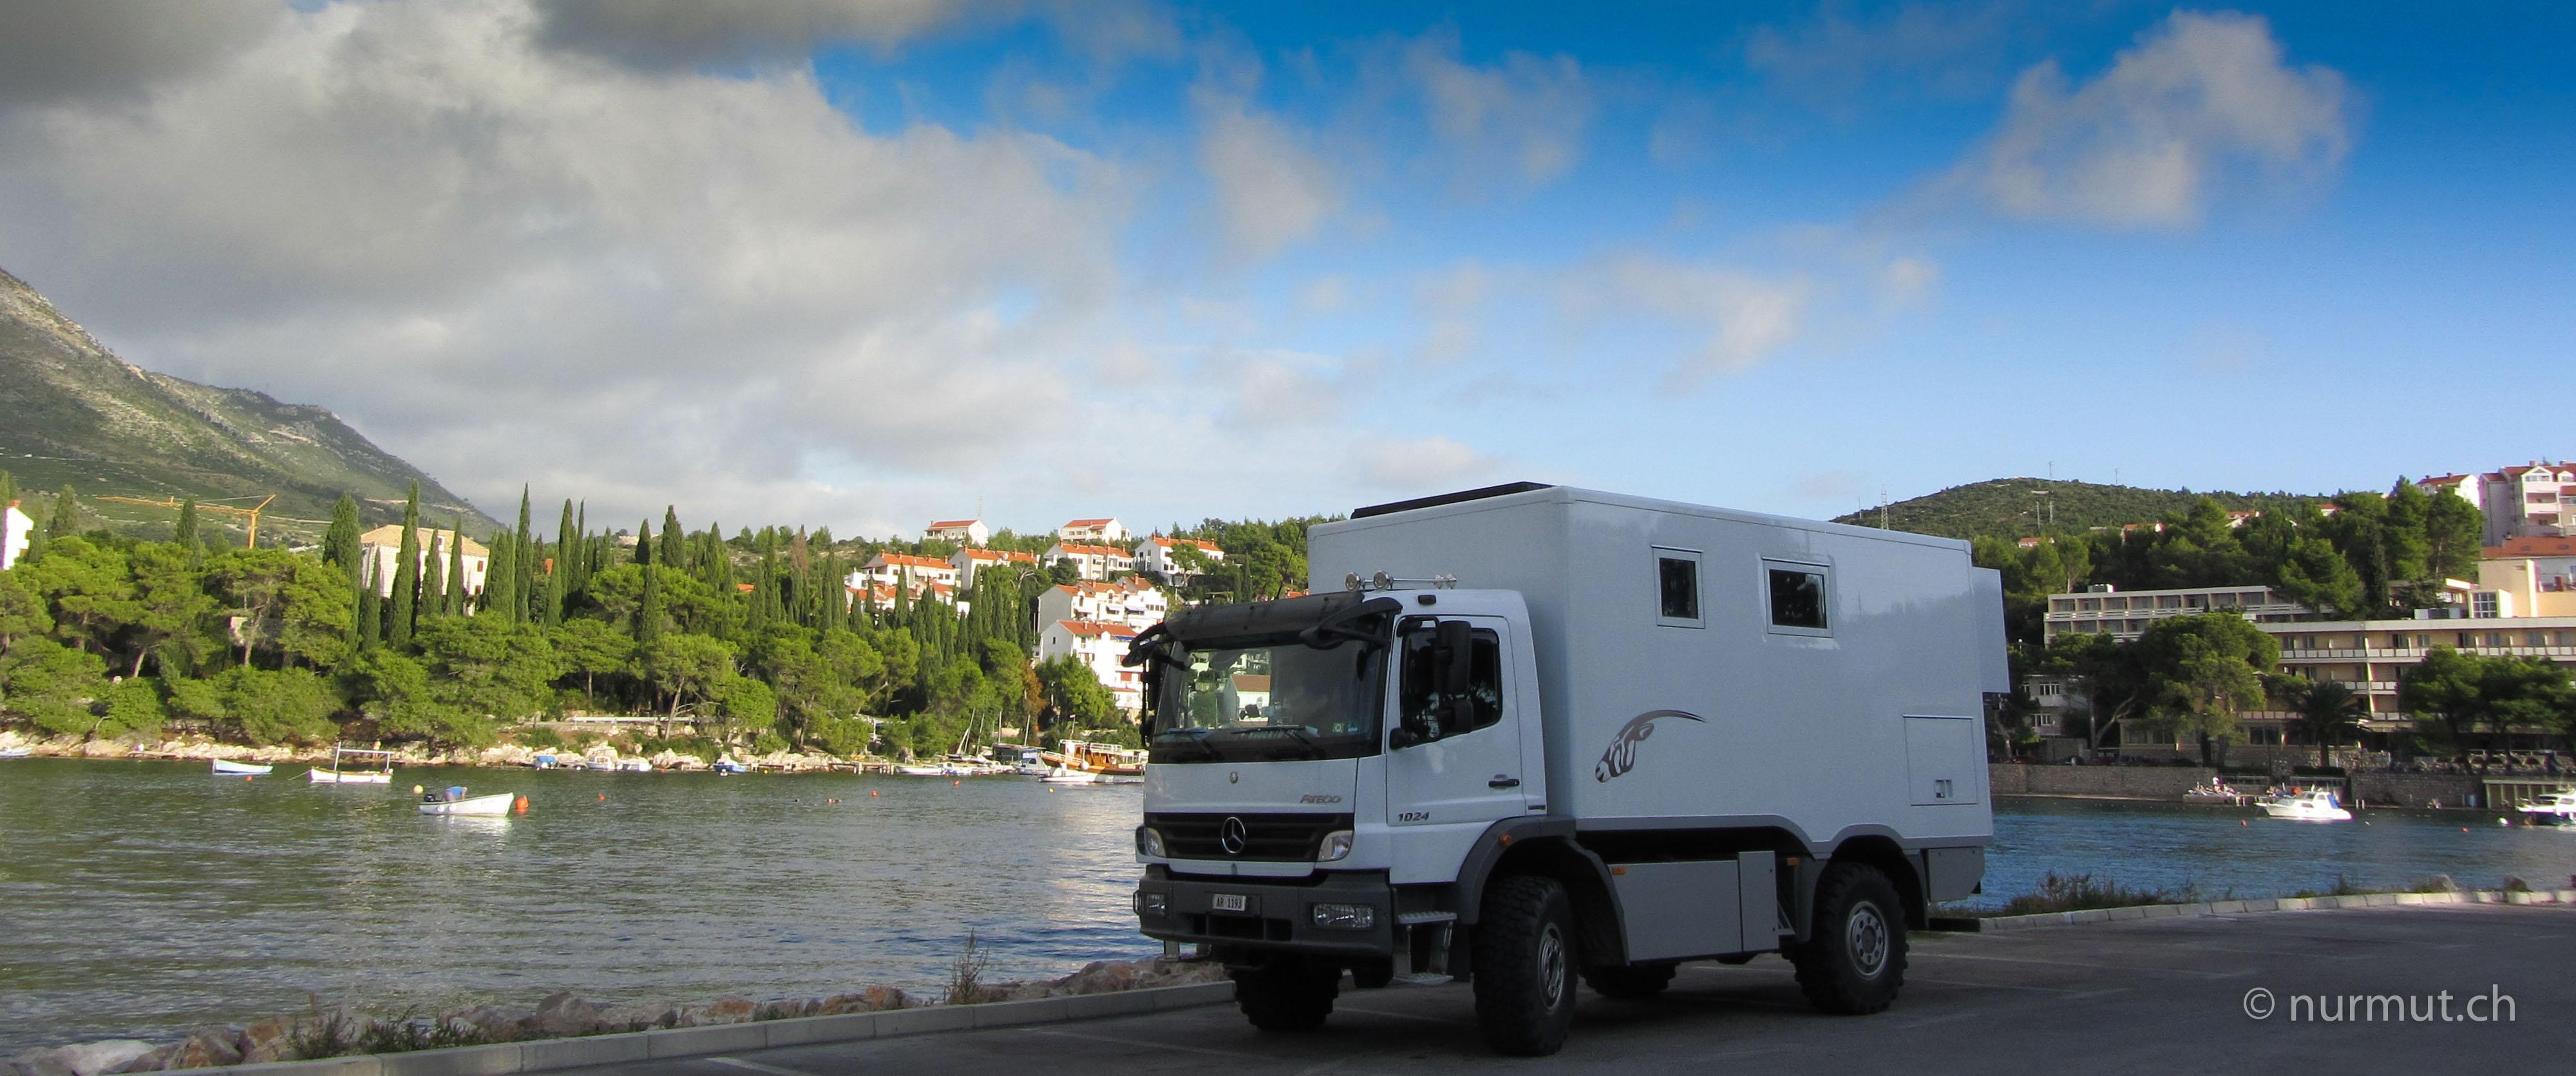 odyssee-mit-herrn-monet-segeln-wandern-mit-hund-in-griechenland-mit-reisemobil